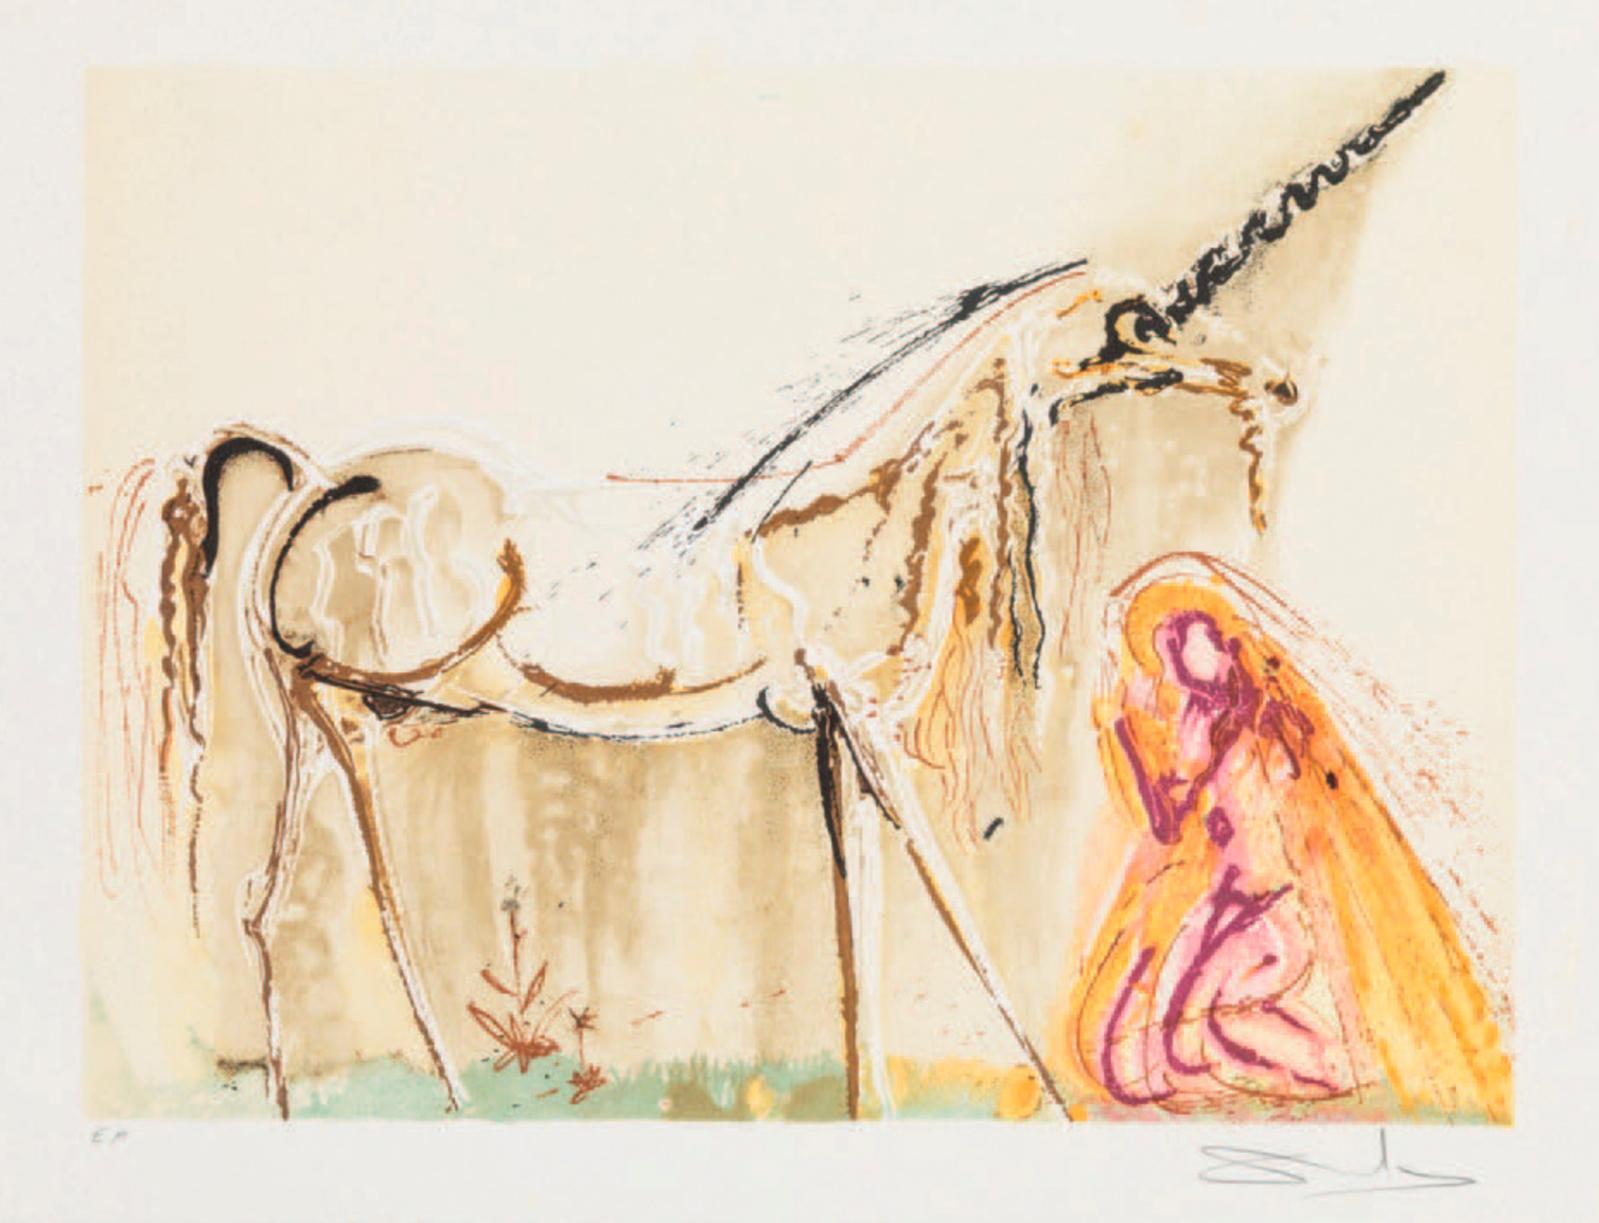 501€ Salvador Dalí (1904-1989), La Licorne, lithographie,54x74cm.Paris, Drouot, 28novembre 2018. Kohn Marc-ArthurOVV.